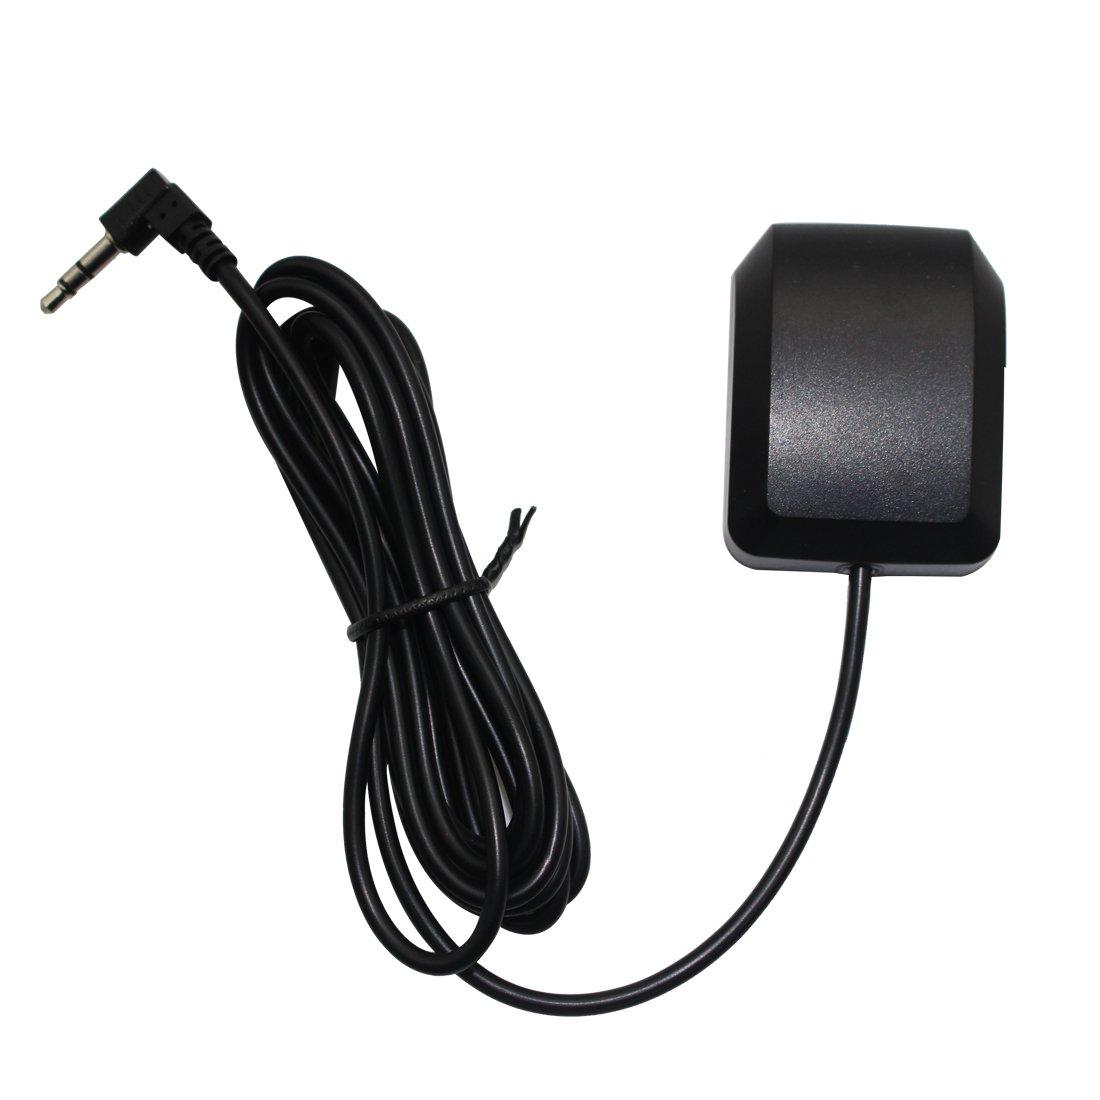 Receptor GPS con enchufe de 3,5 mm original, tipo ratón, módulo de antena, para coche: Amazon.es: Jardín